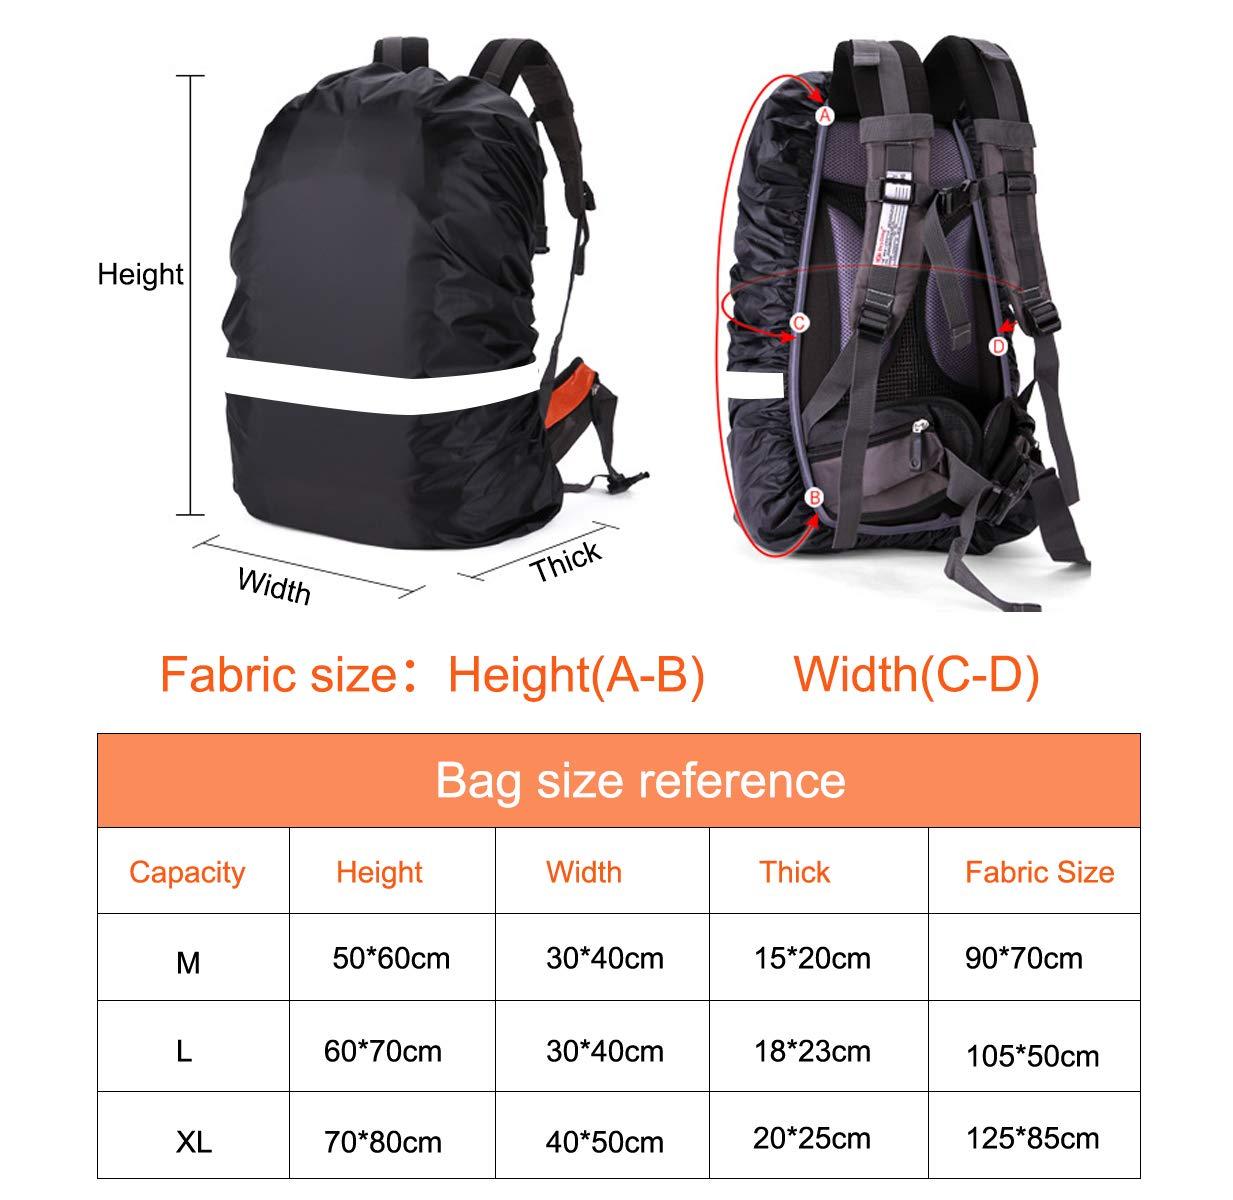 2er-Rucksack-Regenschutz Bringen Sie den Rucksack zum Schutz vor Staub Schlamm und Regen Ytesky Wasserdichter Nylon-Rucksack-Regenschutz mit reflektierendem Sicherheitsstreifen Schnee